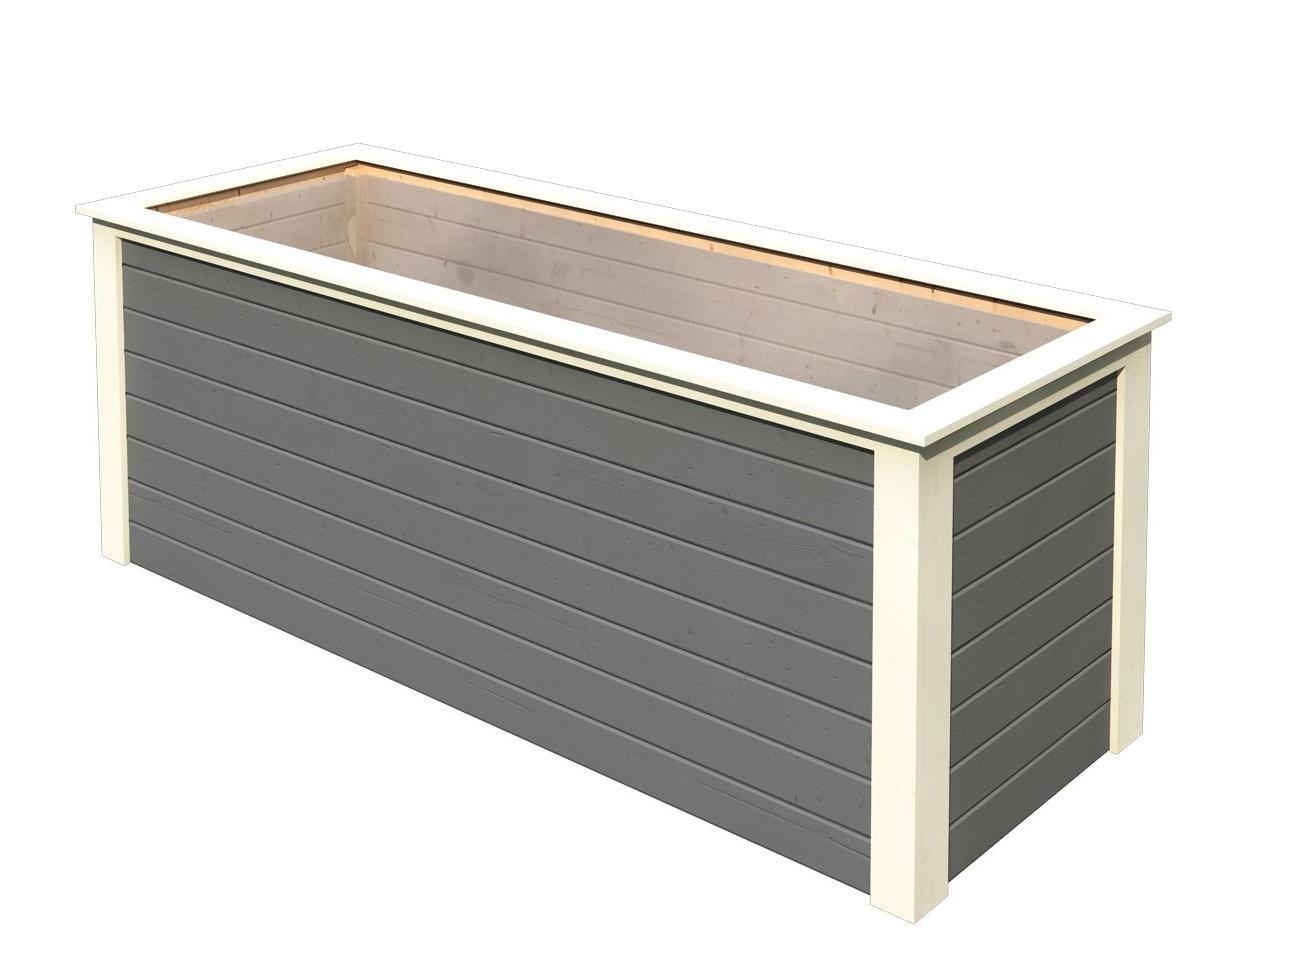 KARIBU HOCHBEET 282 (91550) terragrau vyvýšený záhon